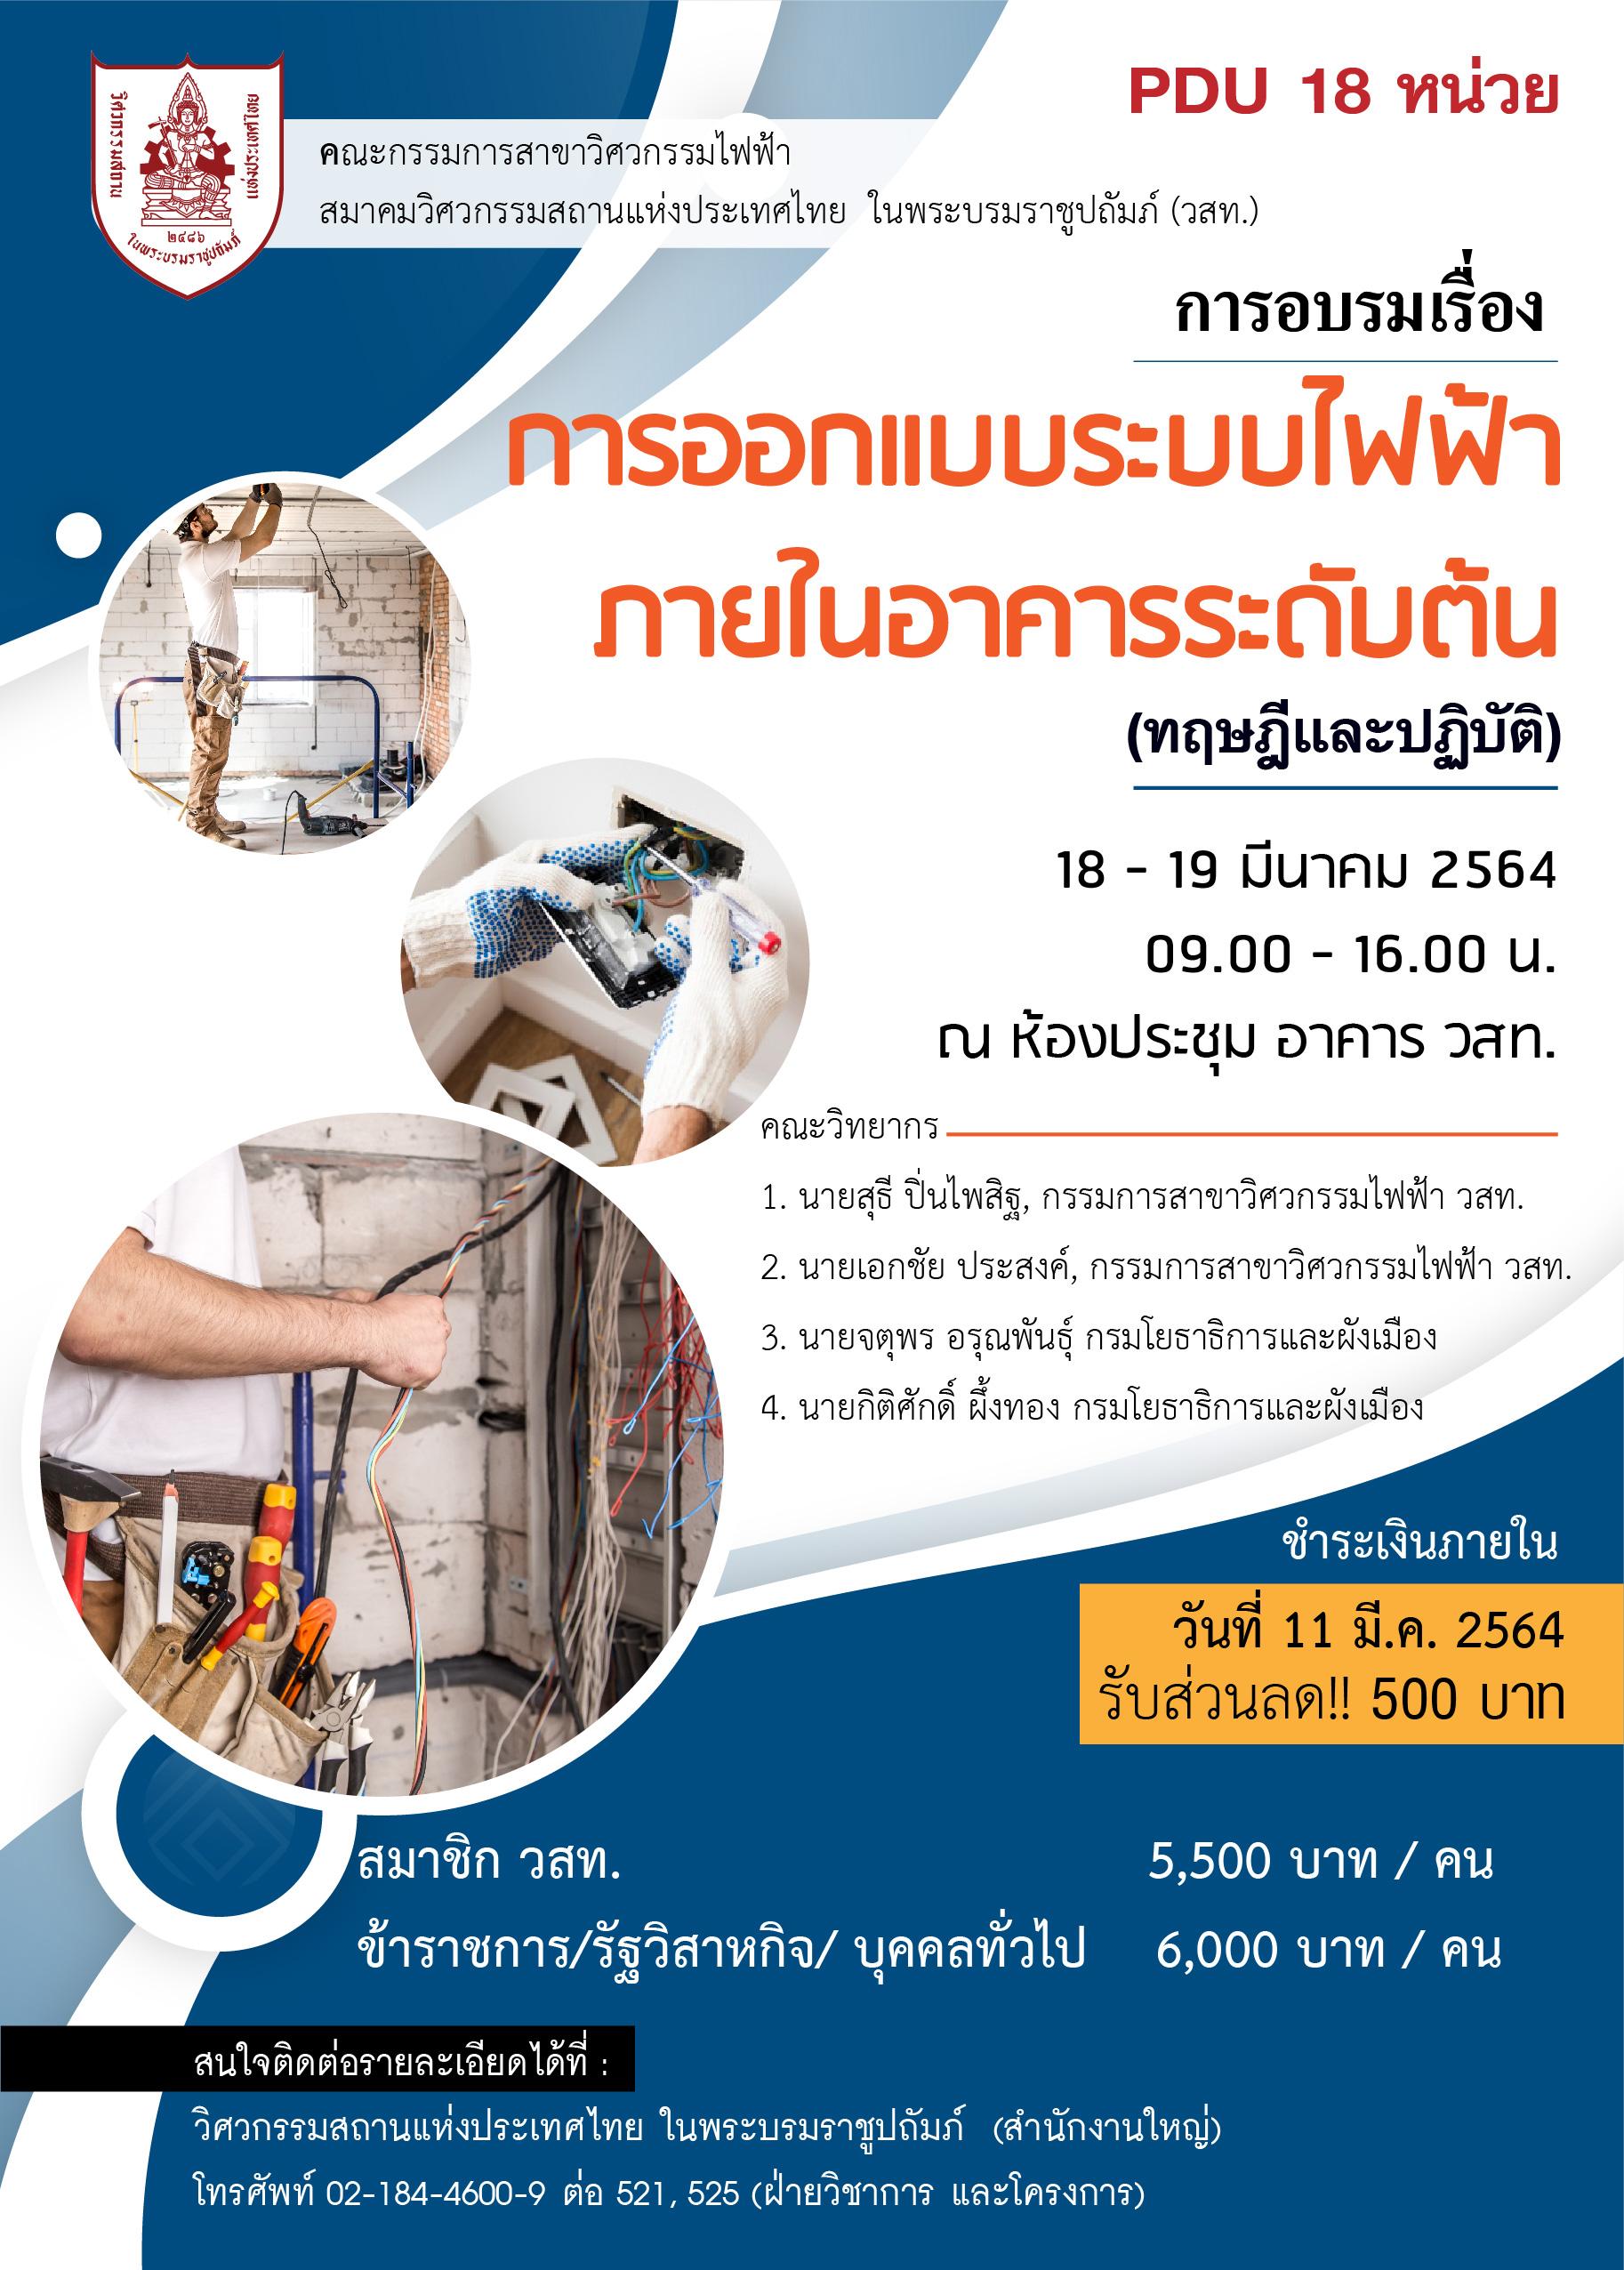 18-19/03/2564 การออกแบบระบบไฟฟ้าภายในอาคารระดับต้น  (ทฤษฎีและปฏิบัติ)